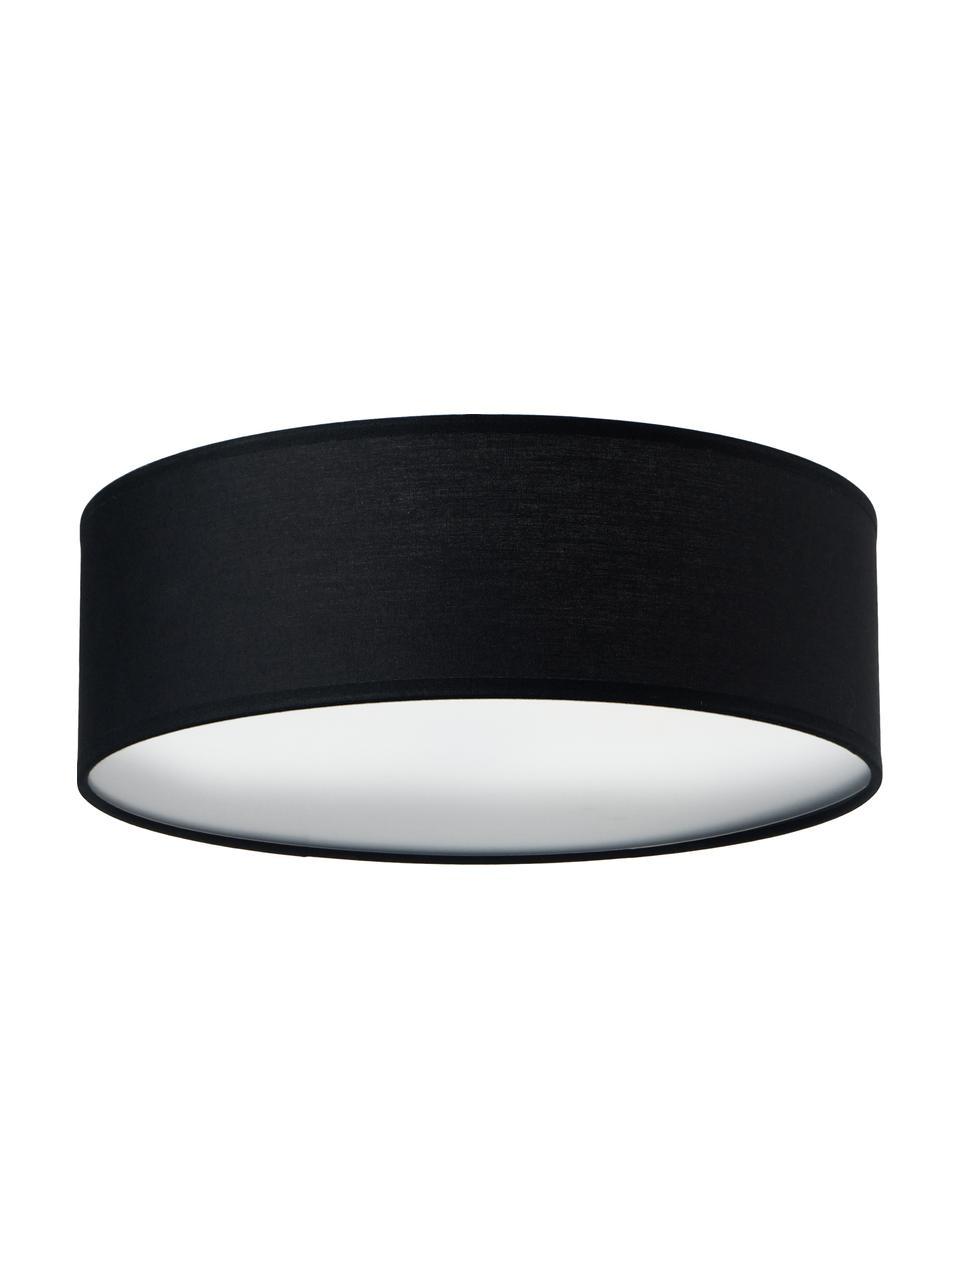 Handgefertigte Deckenleuchte Mika, Lampenschirm: Baumwolle, Diffusorscheibe: Kunststoff, Schwarz, Ø 30 x H 10 cm